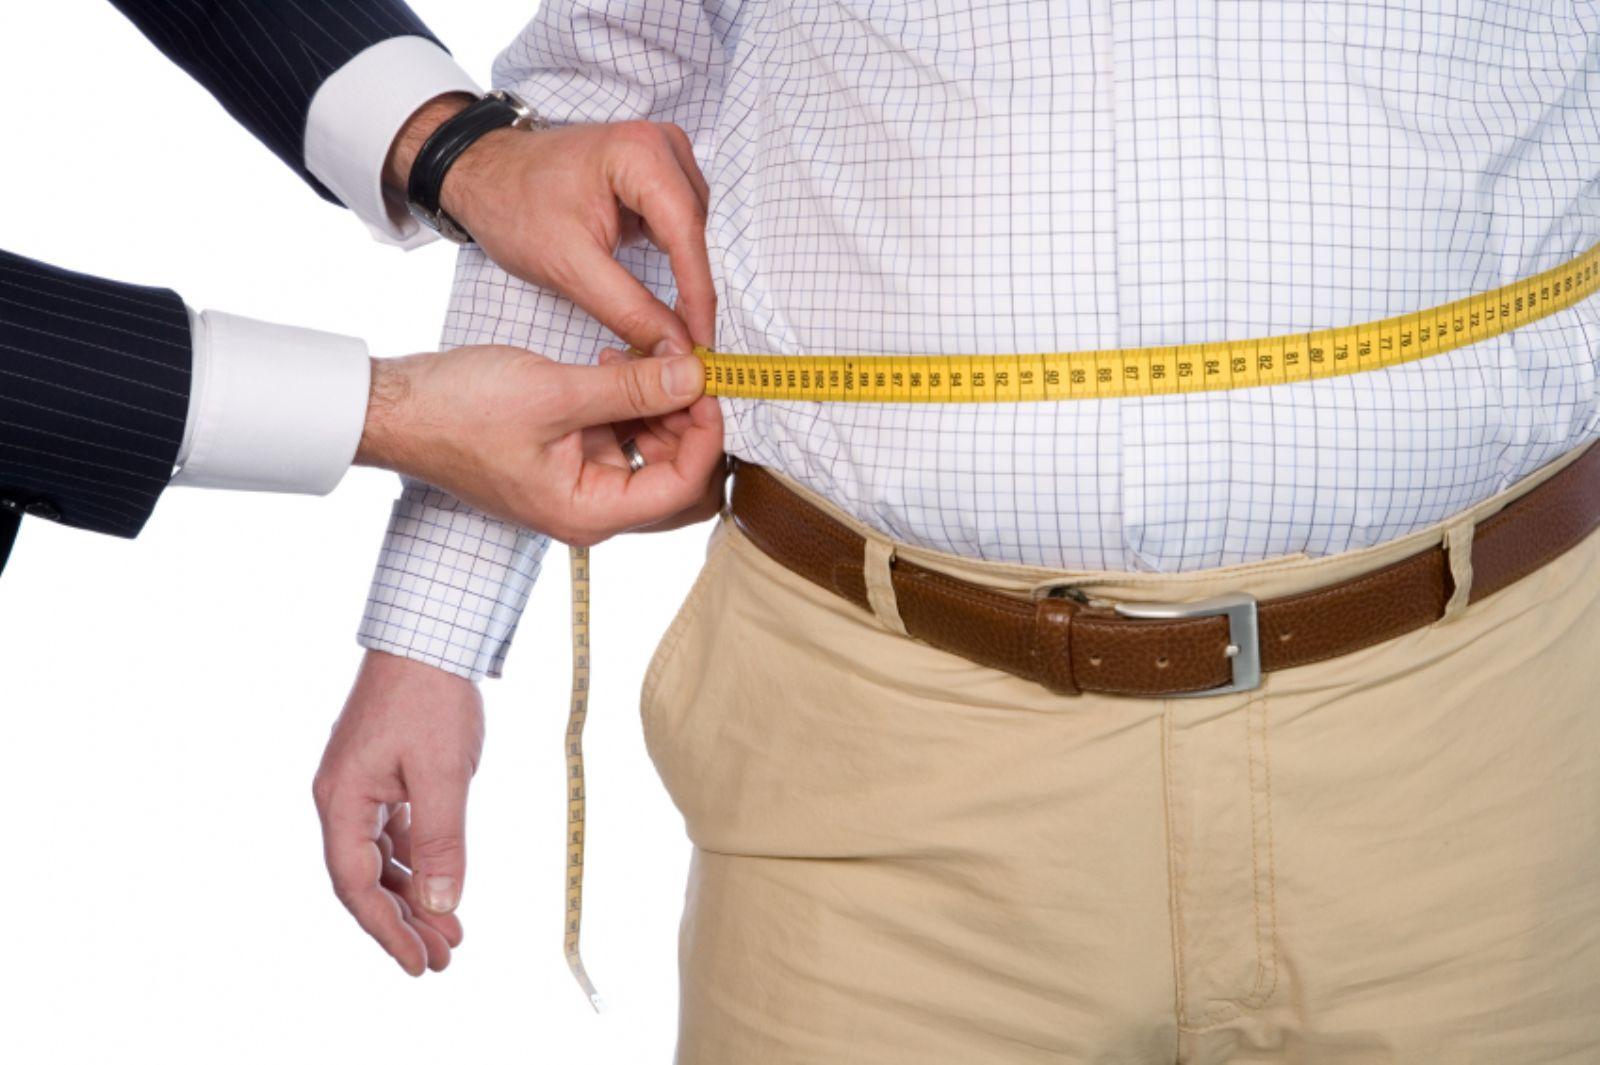 چاقی مهمترین مشکل تغذیه در جامعه امروز است